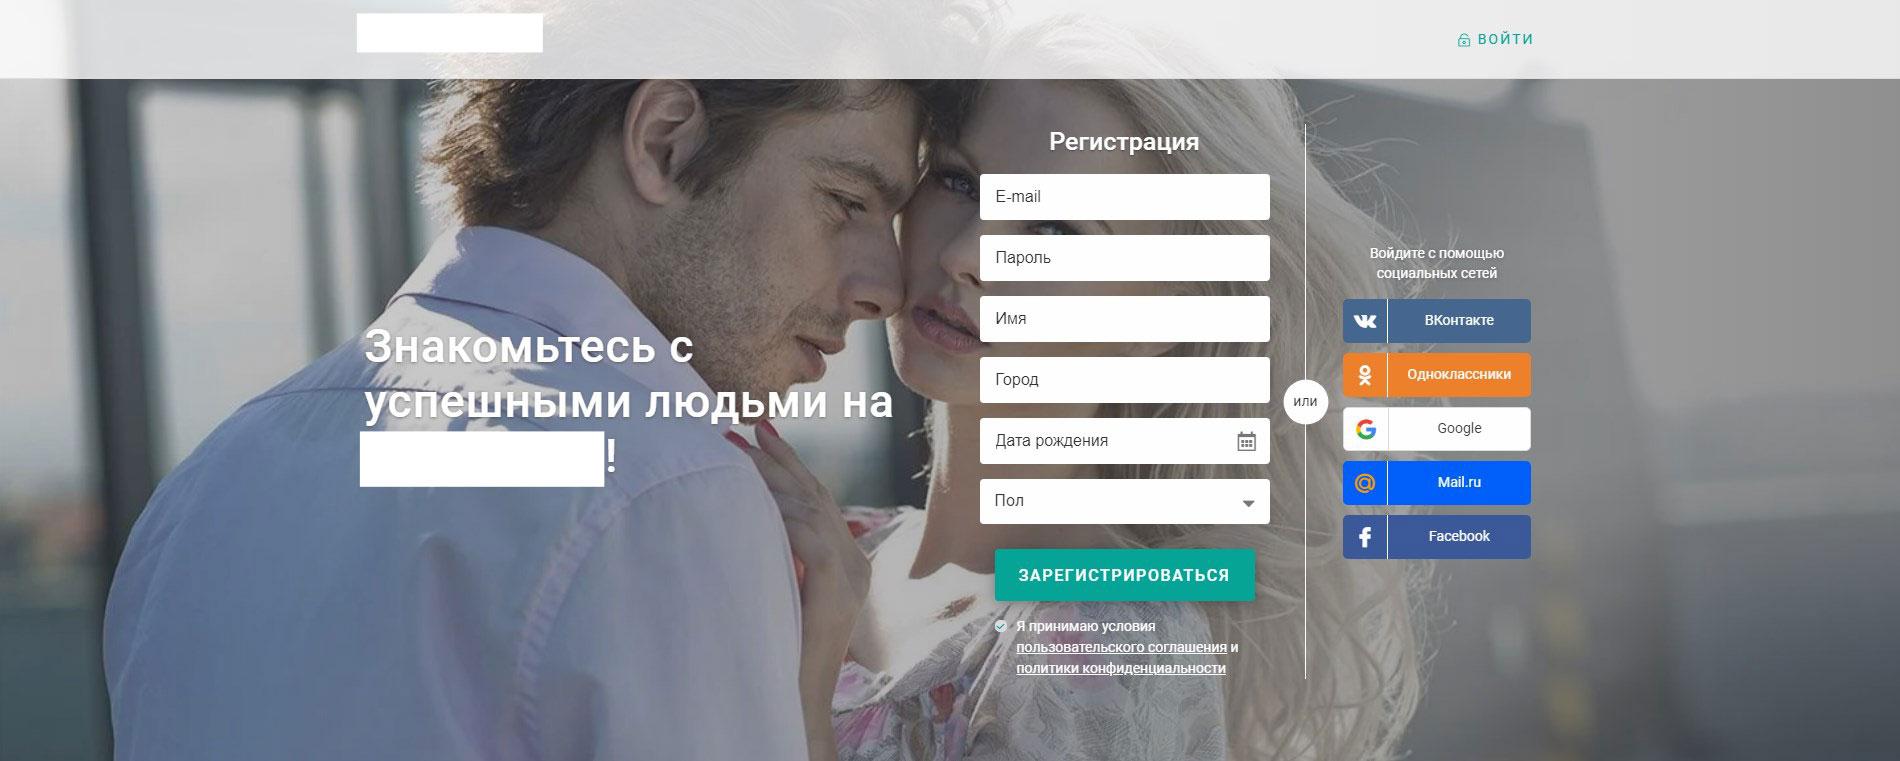 Регистрационная форма сайта для поиска второй половинки